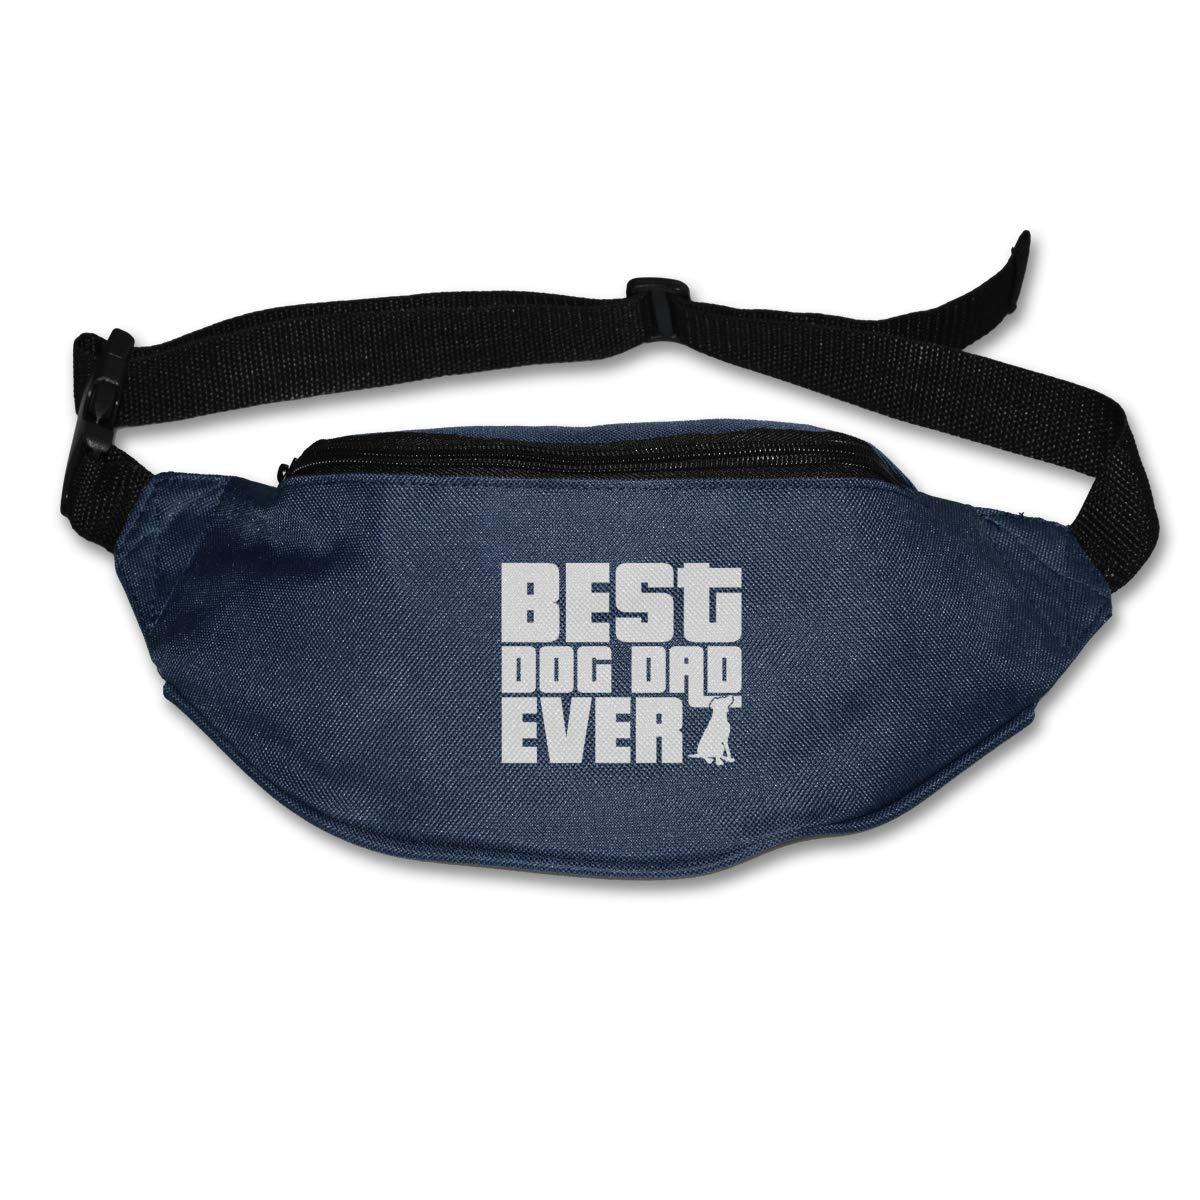 Best Dog Dad Ever Sport Waist Bag Fanny Pack Adjustable For Travel